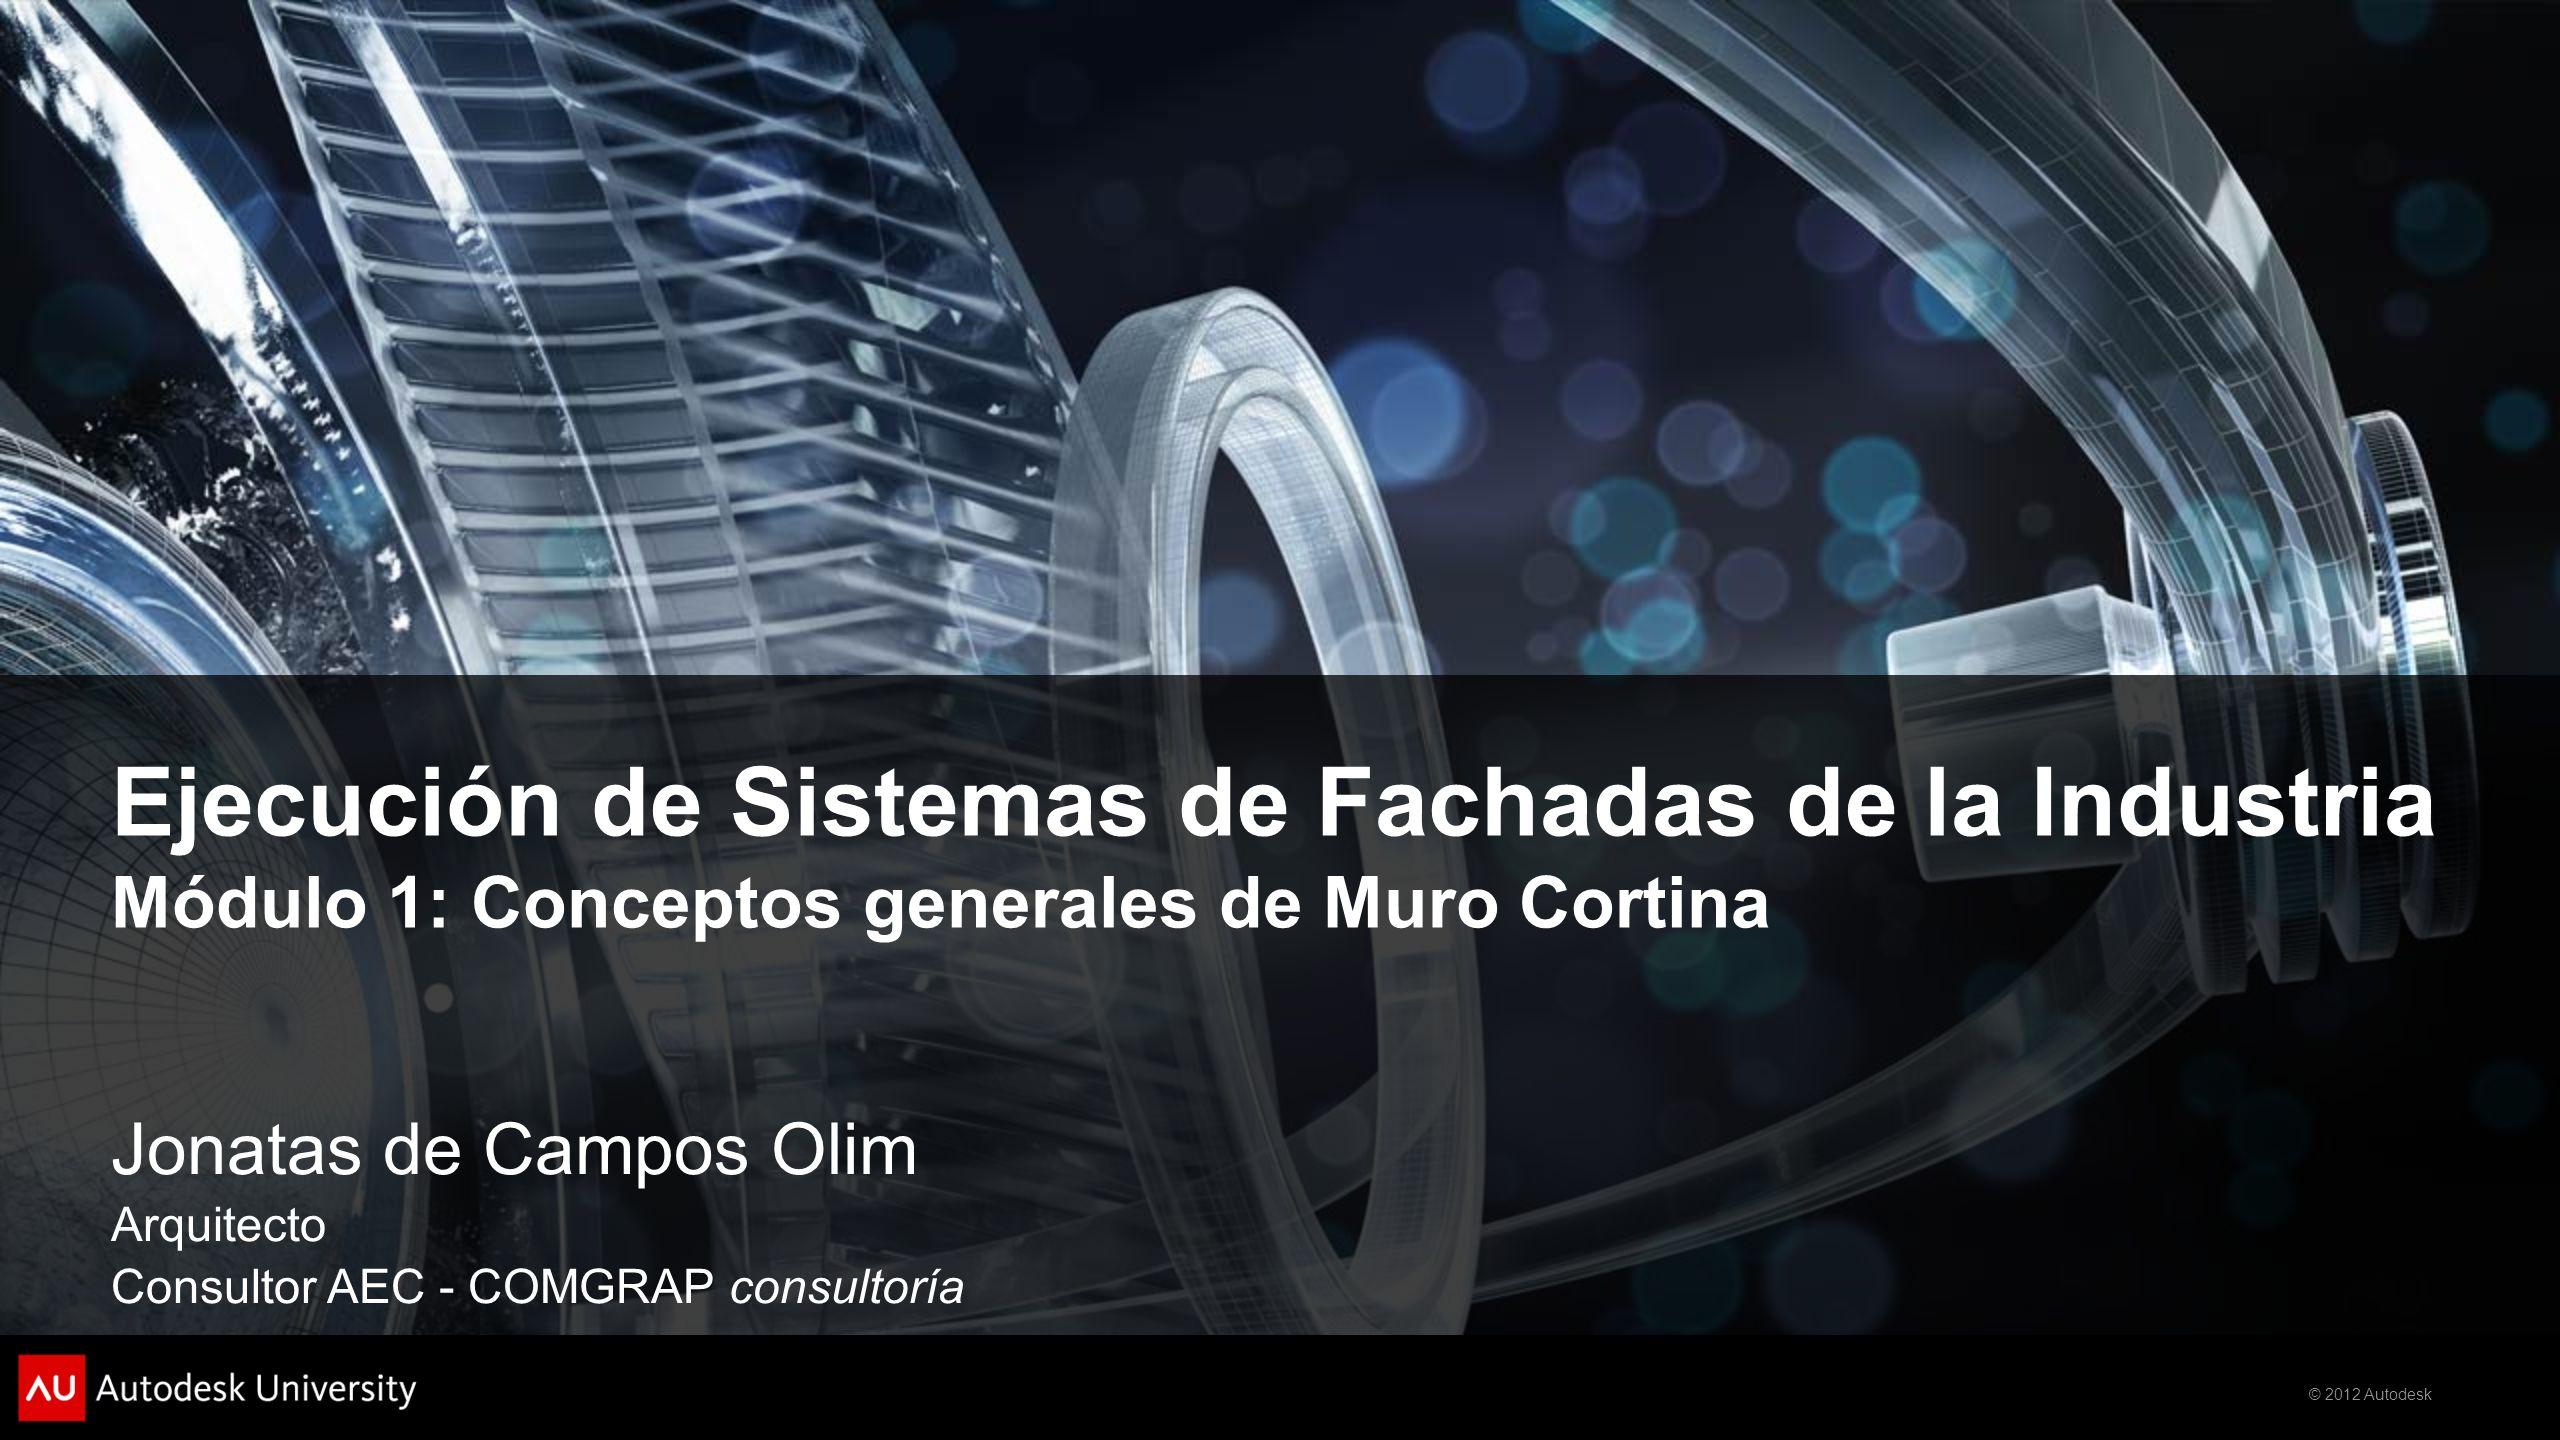 © 2012 Autodesk Ejecución de Sistemas de Fachadas de la Industria Módulo 1: Conceptos generales de Muro Cortina Jonatas de Campos Olim Arquitecto Consultor AEC - COMGRAP consultoría